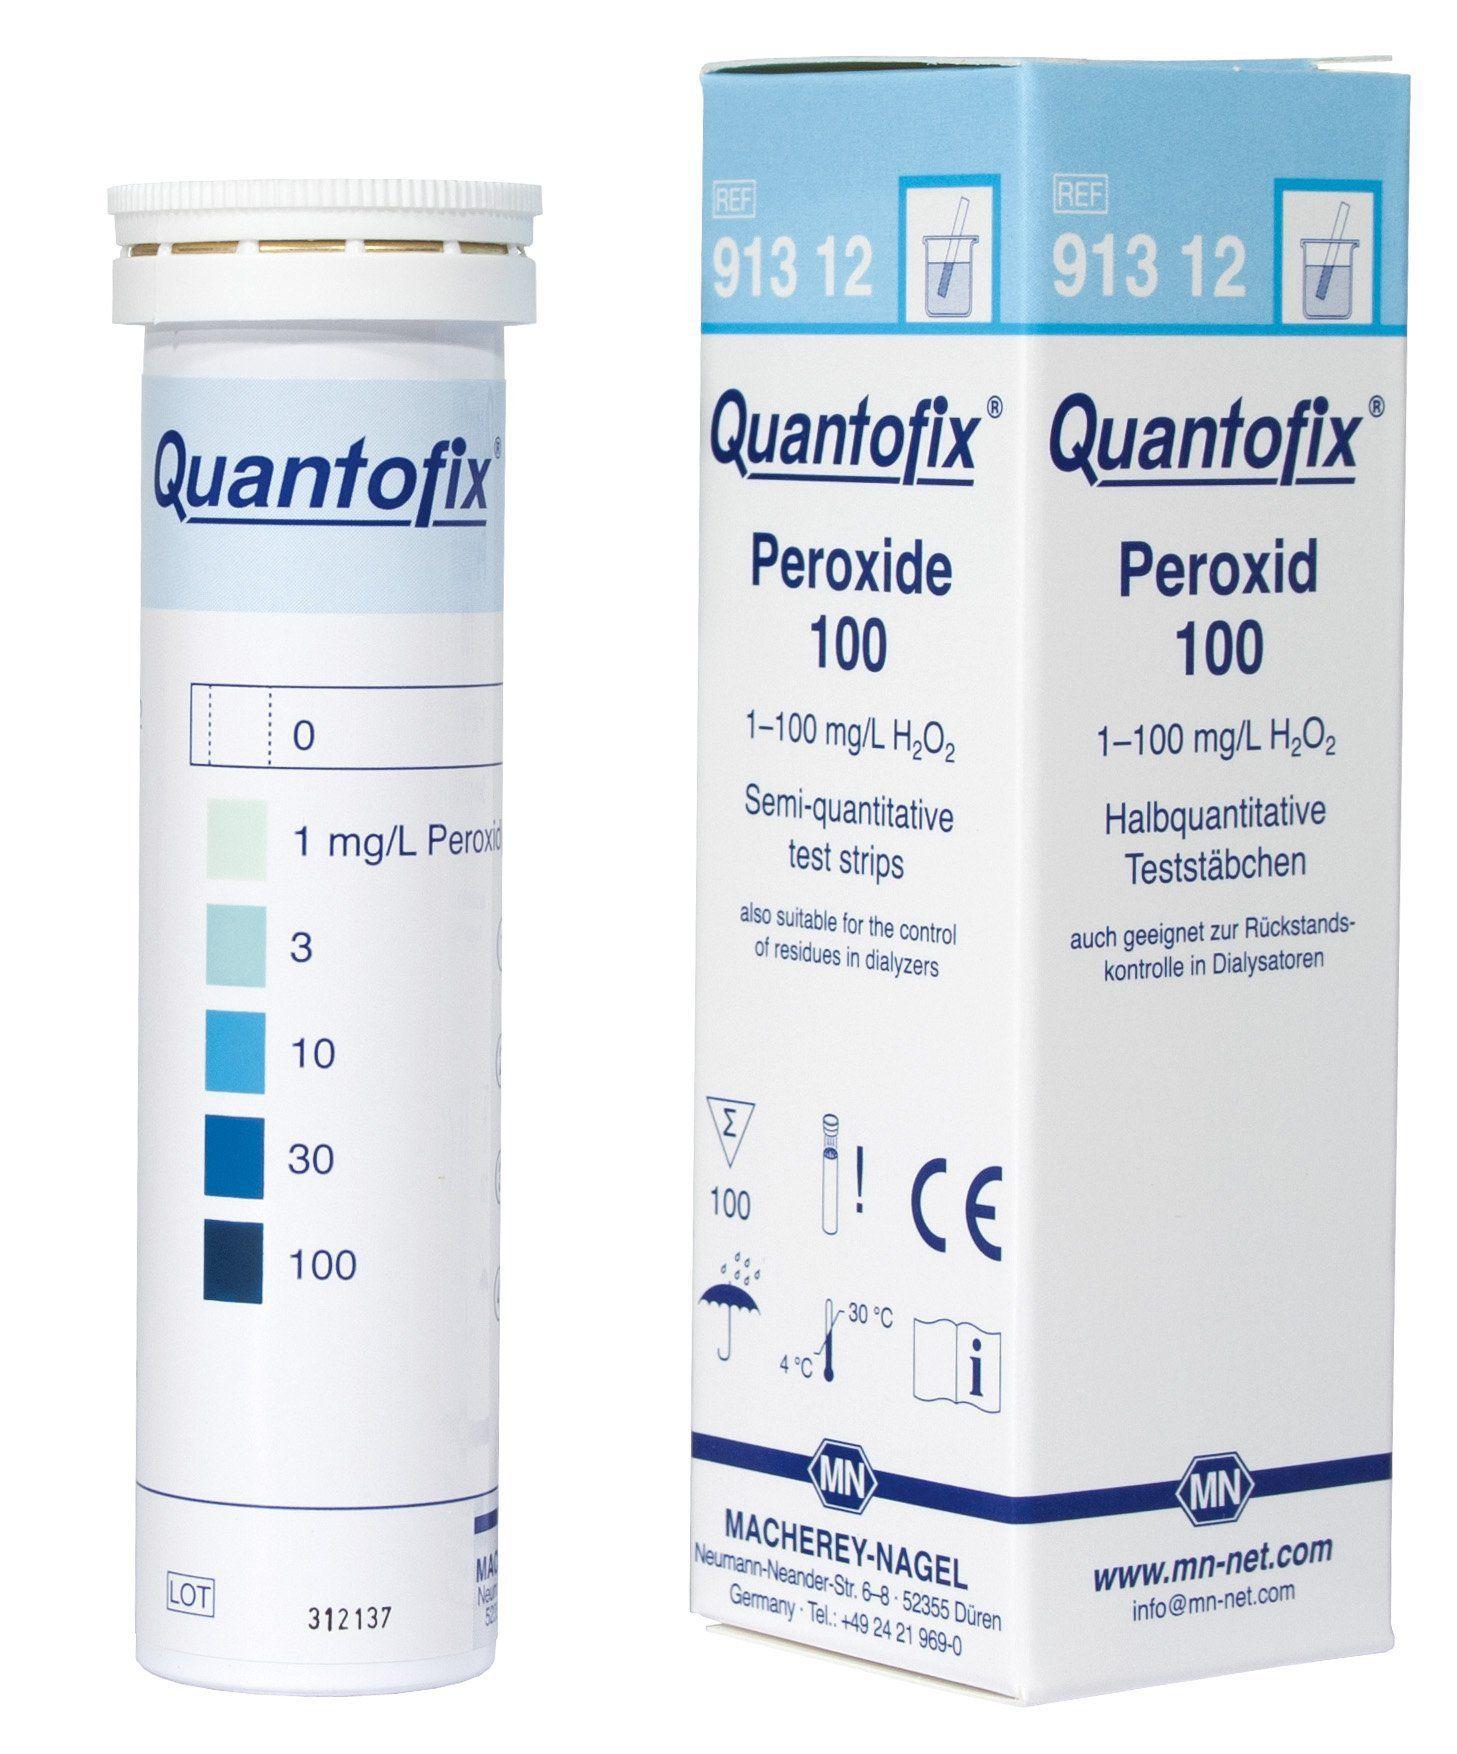 QUANTOFIX PEROXIDO 0-100MG/L EM TIRAS